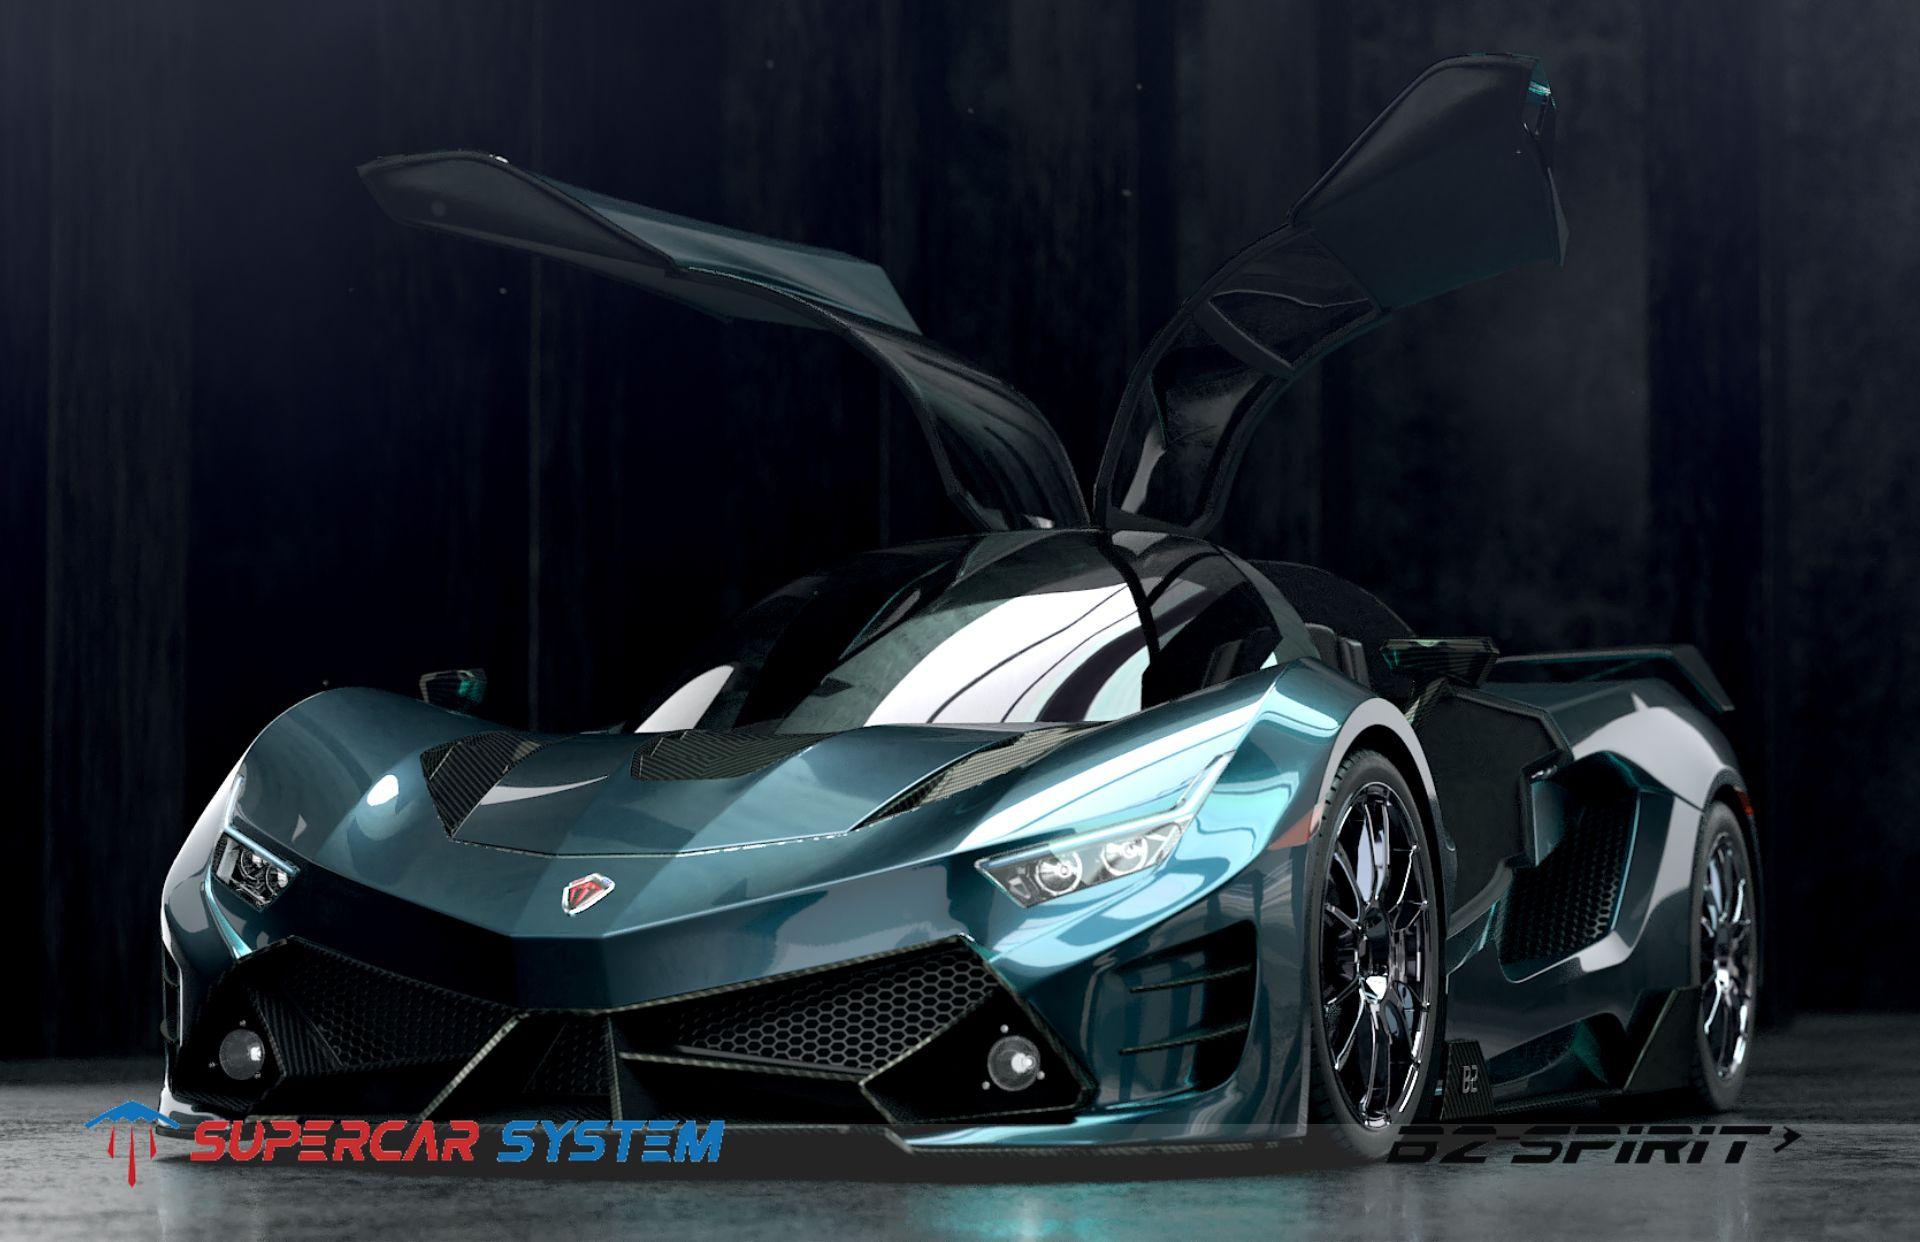 B2 Spirit 004 Super Cars Sports Car System